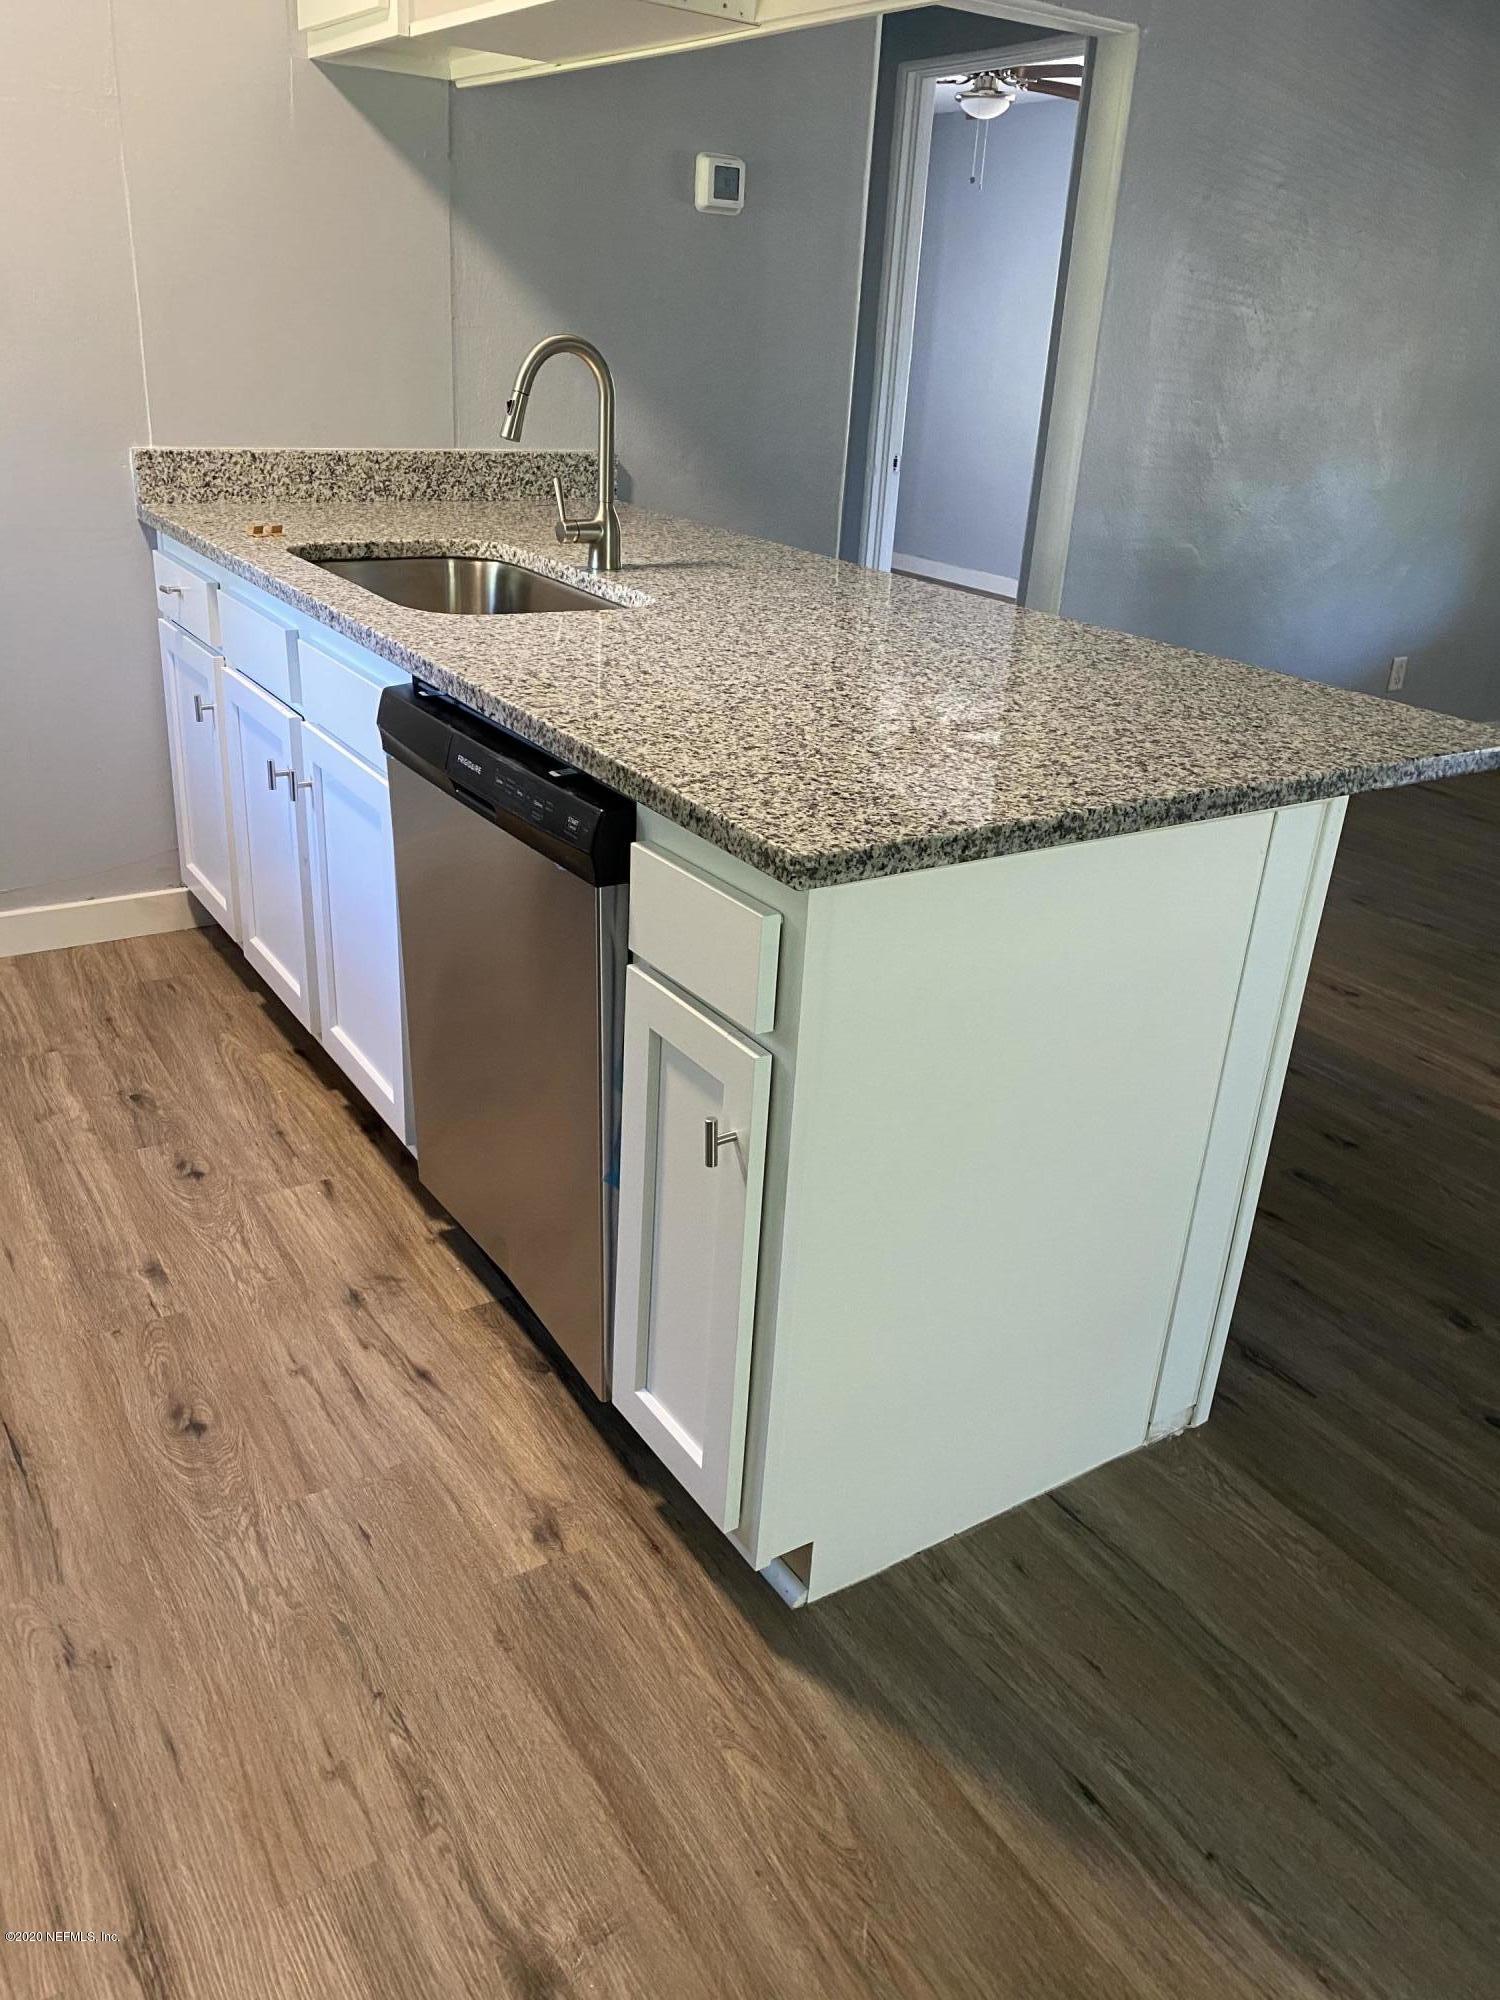 9827 ELAINE, JACKSONVILLE, FLORIDA 32246, 2 Bedrooms Bedrooms, ,1 BathroomBathrooms,Rental,For Rent,ELAINE,1082250